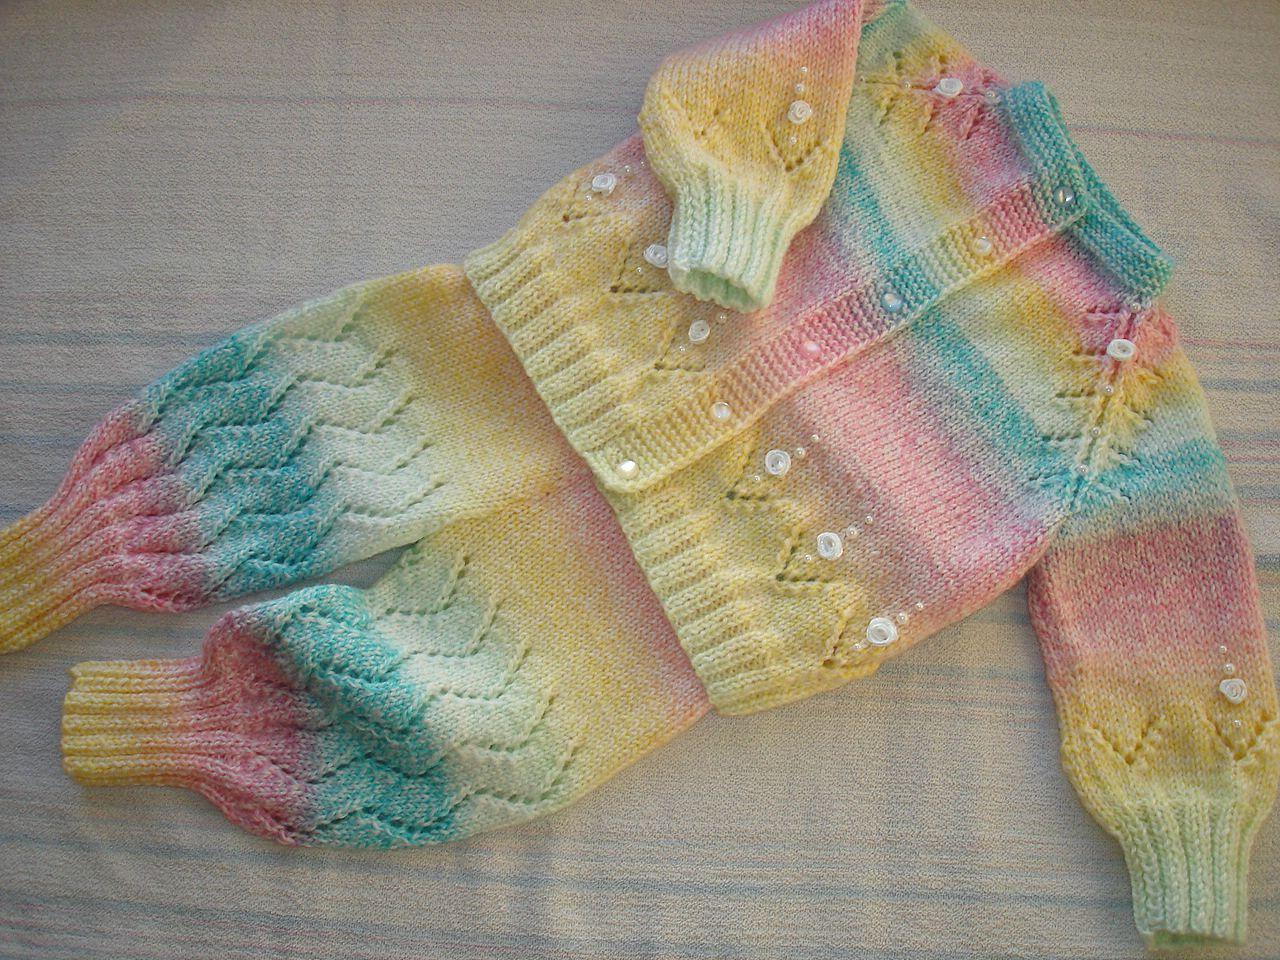 для_девочки спицы детская_одежда вязание_детям костюм_девочке детский_костюм вязание детям